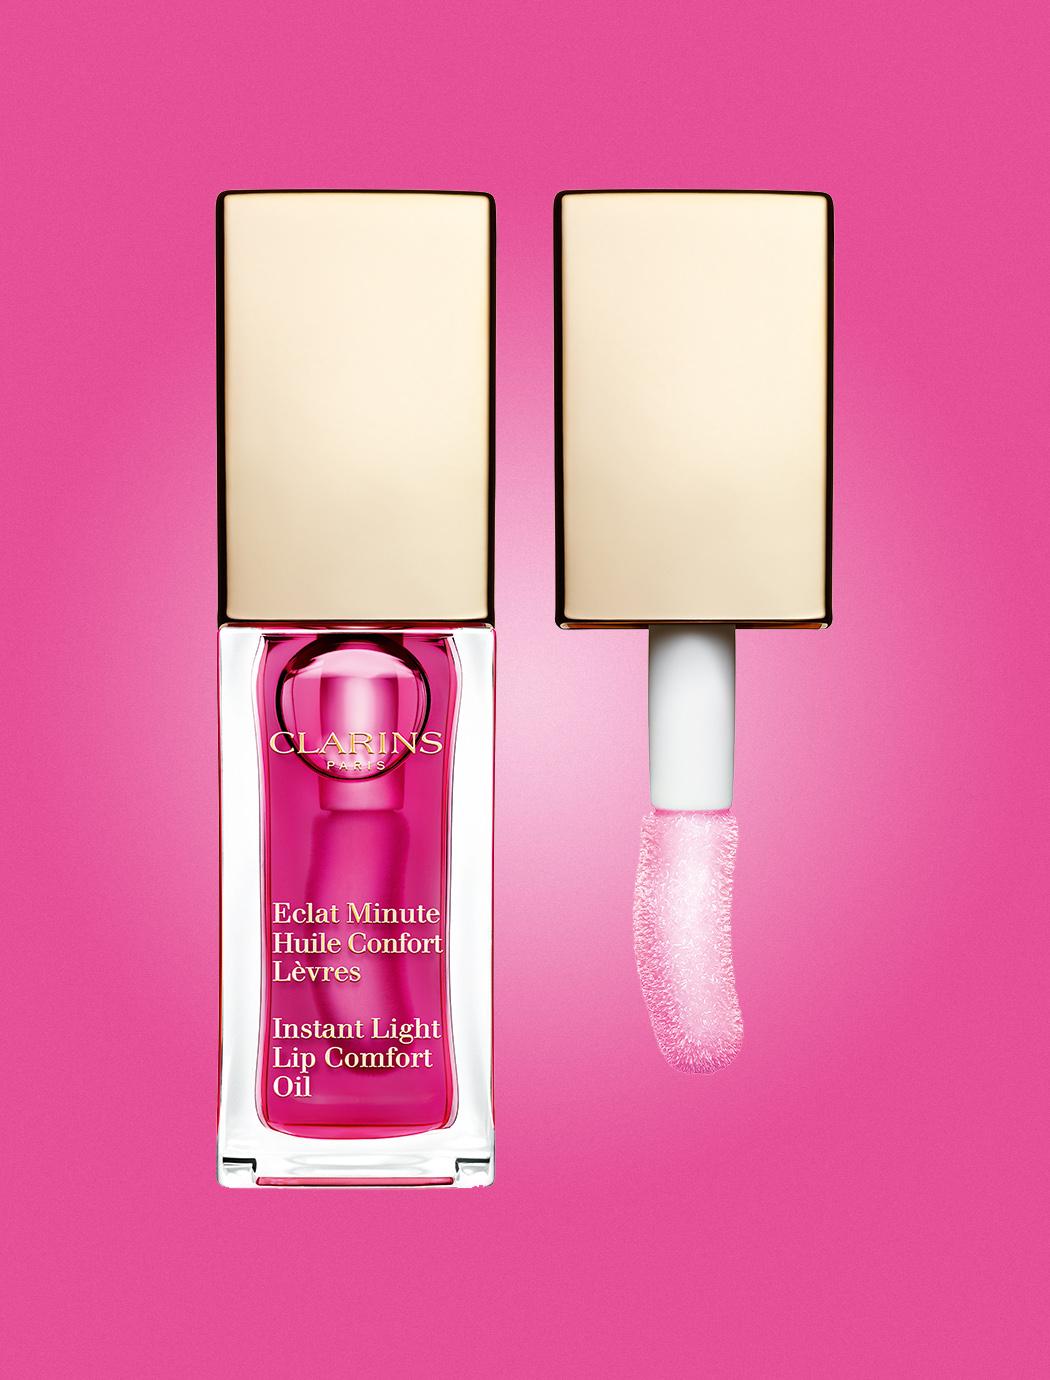 Instant Light Lip Comfort Oil van Clarins